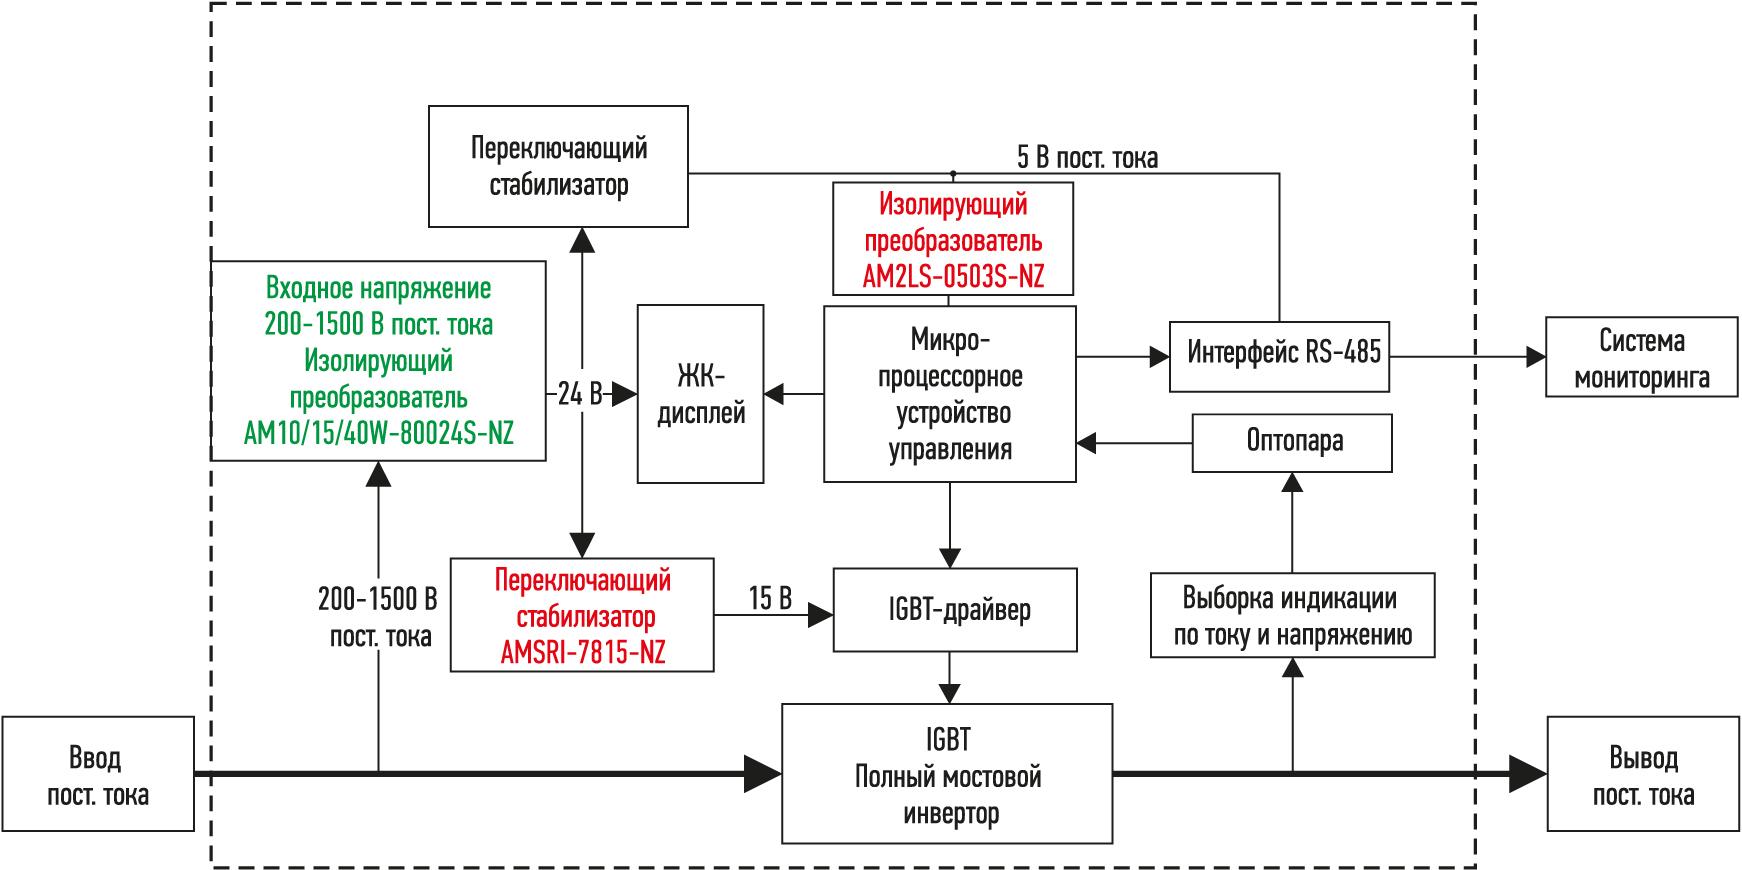 Питание устройства мониторинга инвертора в фотовольтаической установке